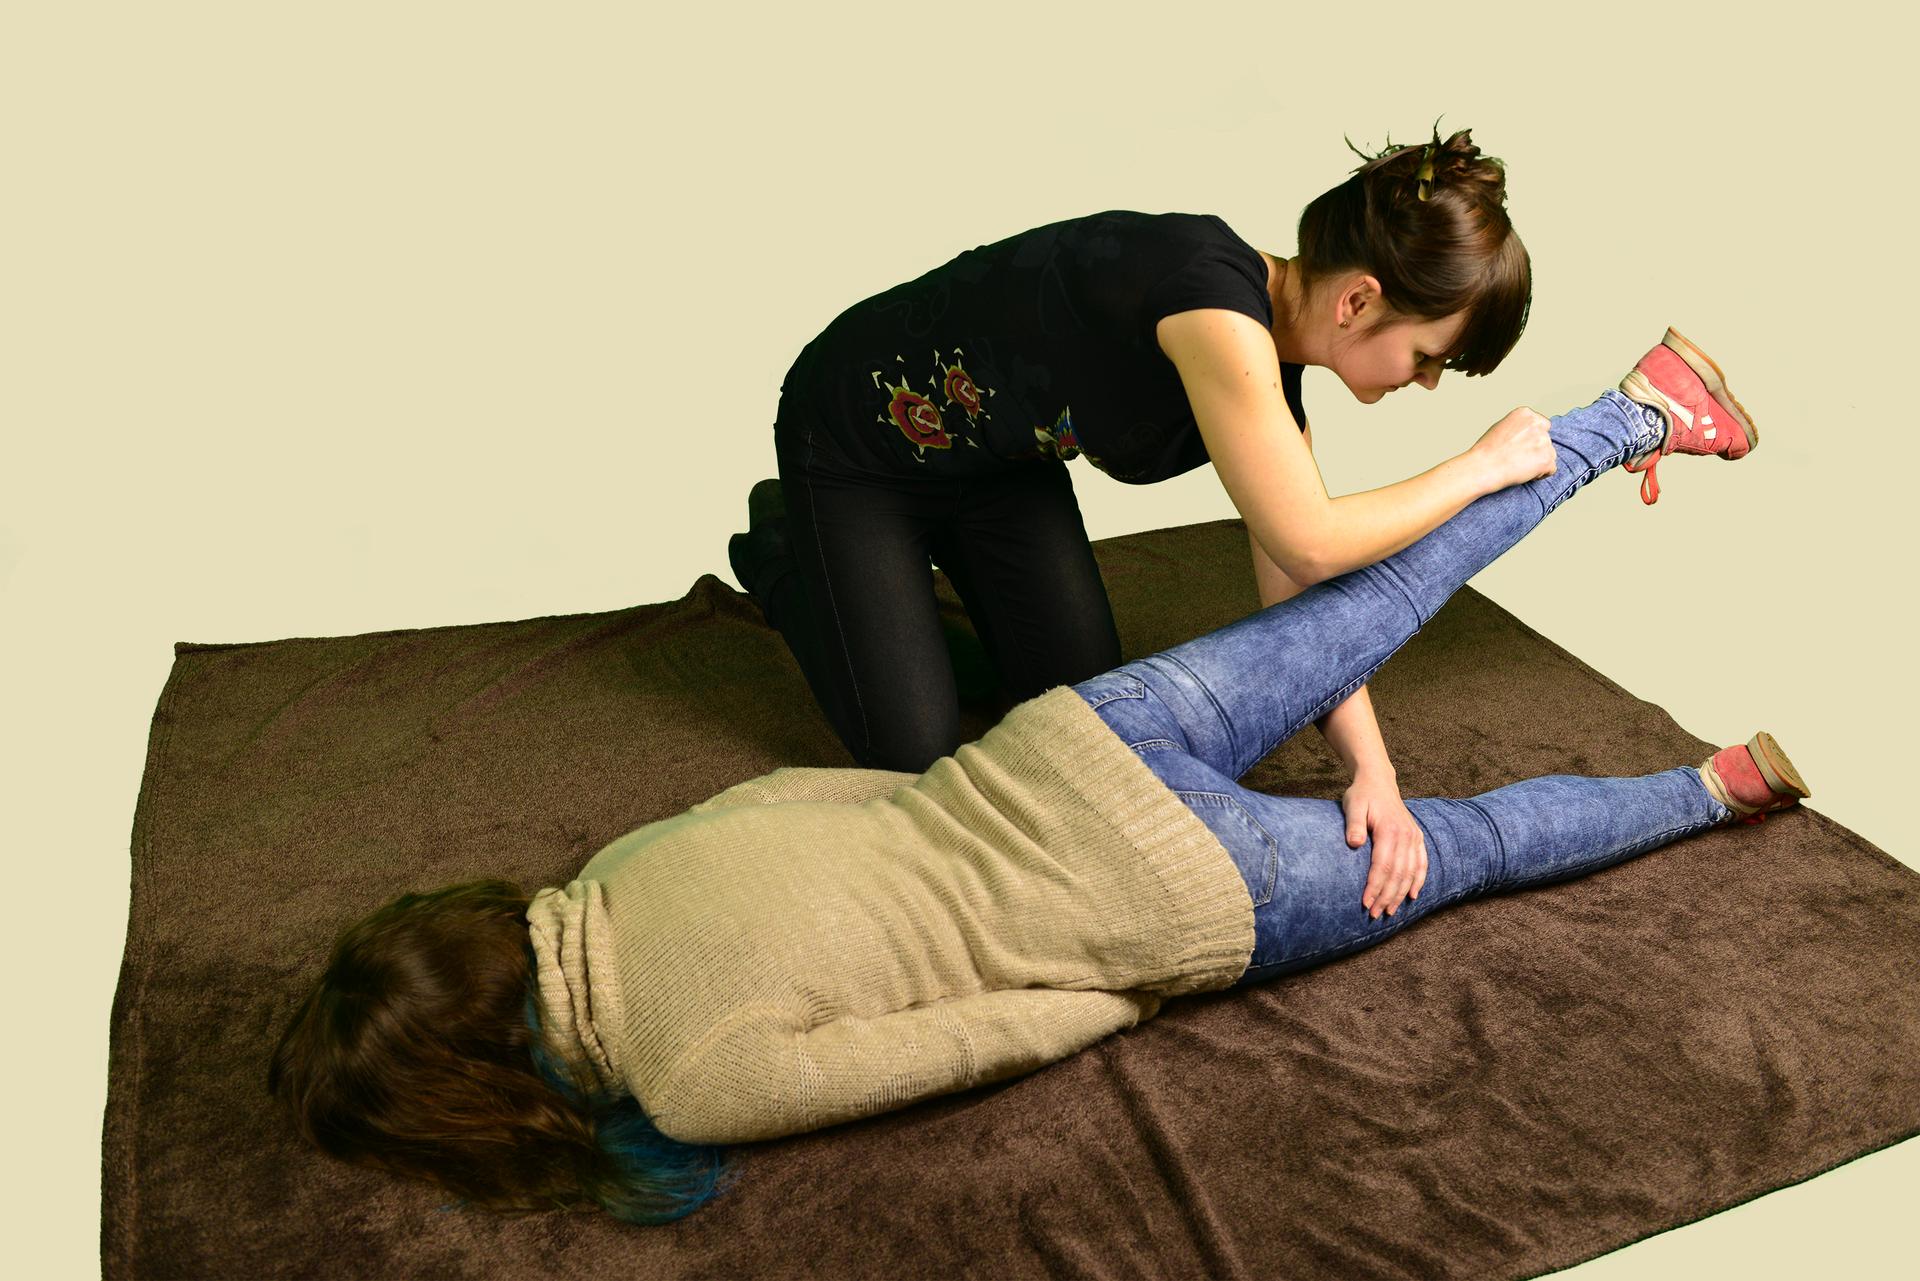 Osoba poszkodowana leży nadal na brzuchu. Dłoń ręki pod biodrem. Kobieta pomagająca osobie poszkodowanej, unosi nogę leżącej. Unoszona noga to noga bliżej kobiety. Druga ręka kobiety przełożona jest poniżej uniesionej nogi osoby leżącej – tak, aby dłoń kobiety była umieszczona poniżej biodra osoby poszkodowanej.